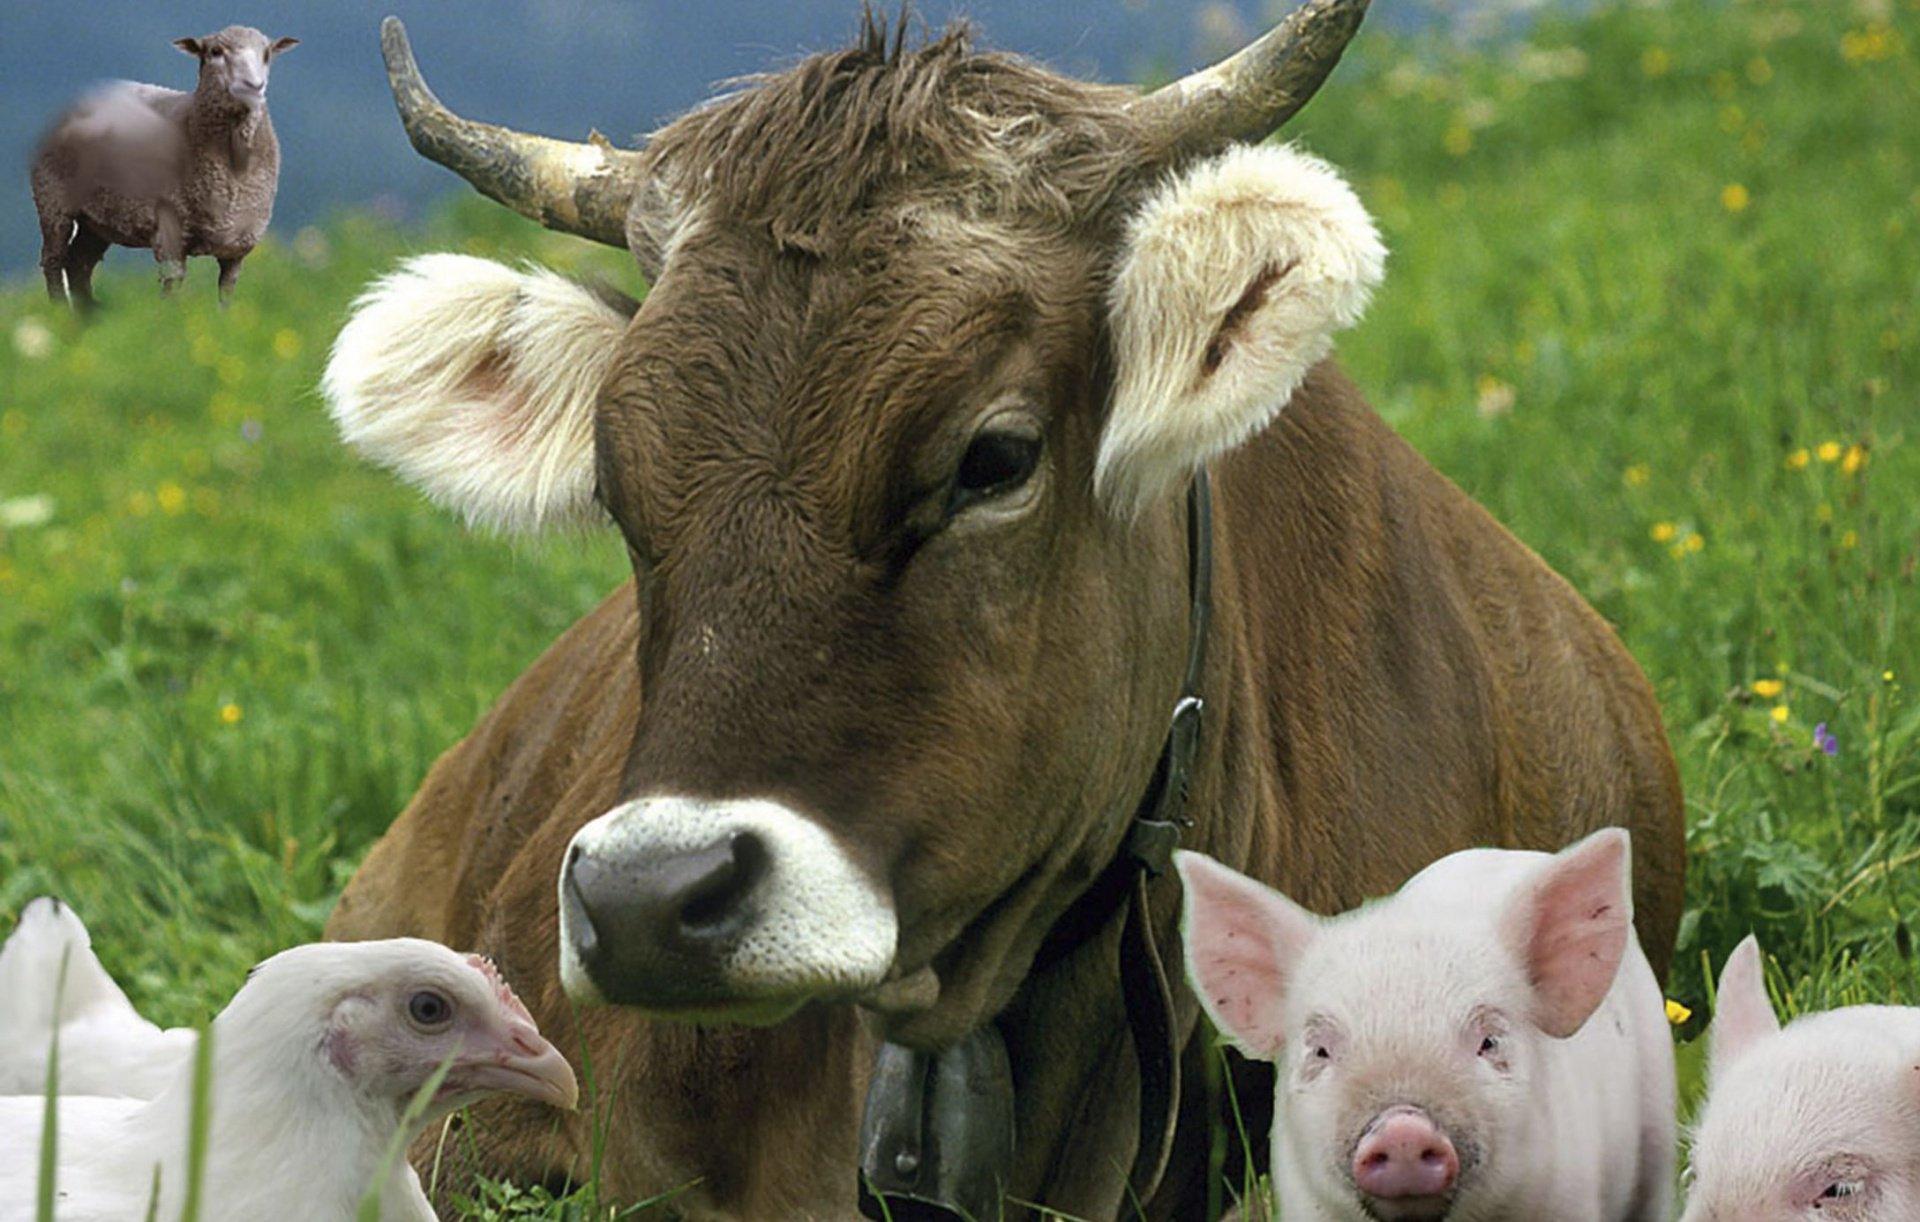 Картинки сельского хозяйства животных на прайс лист, работников